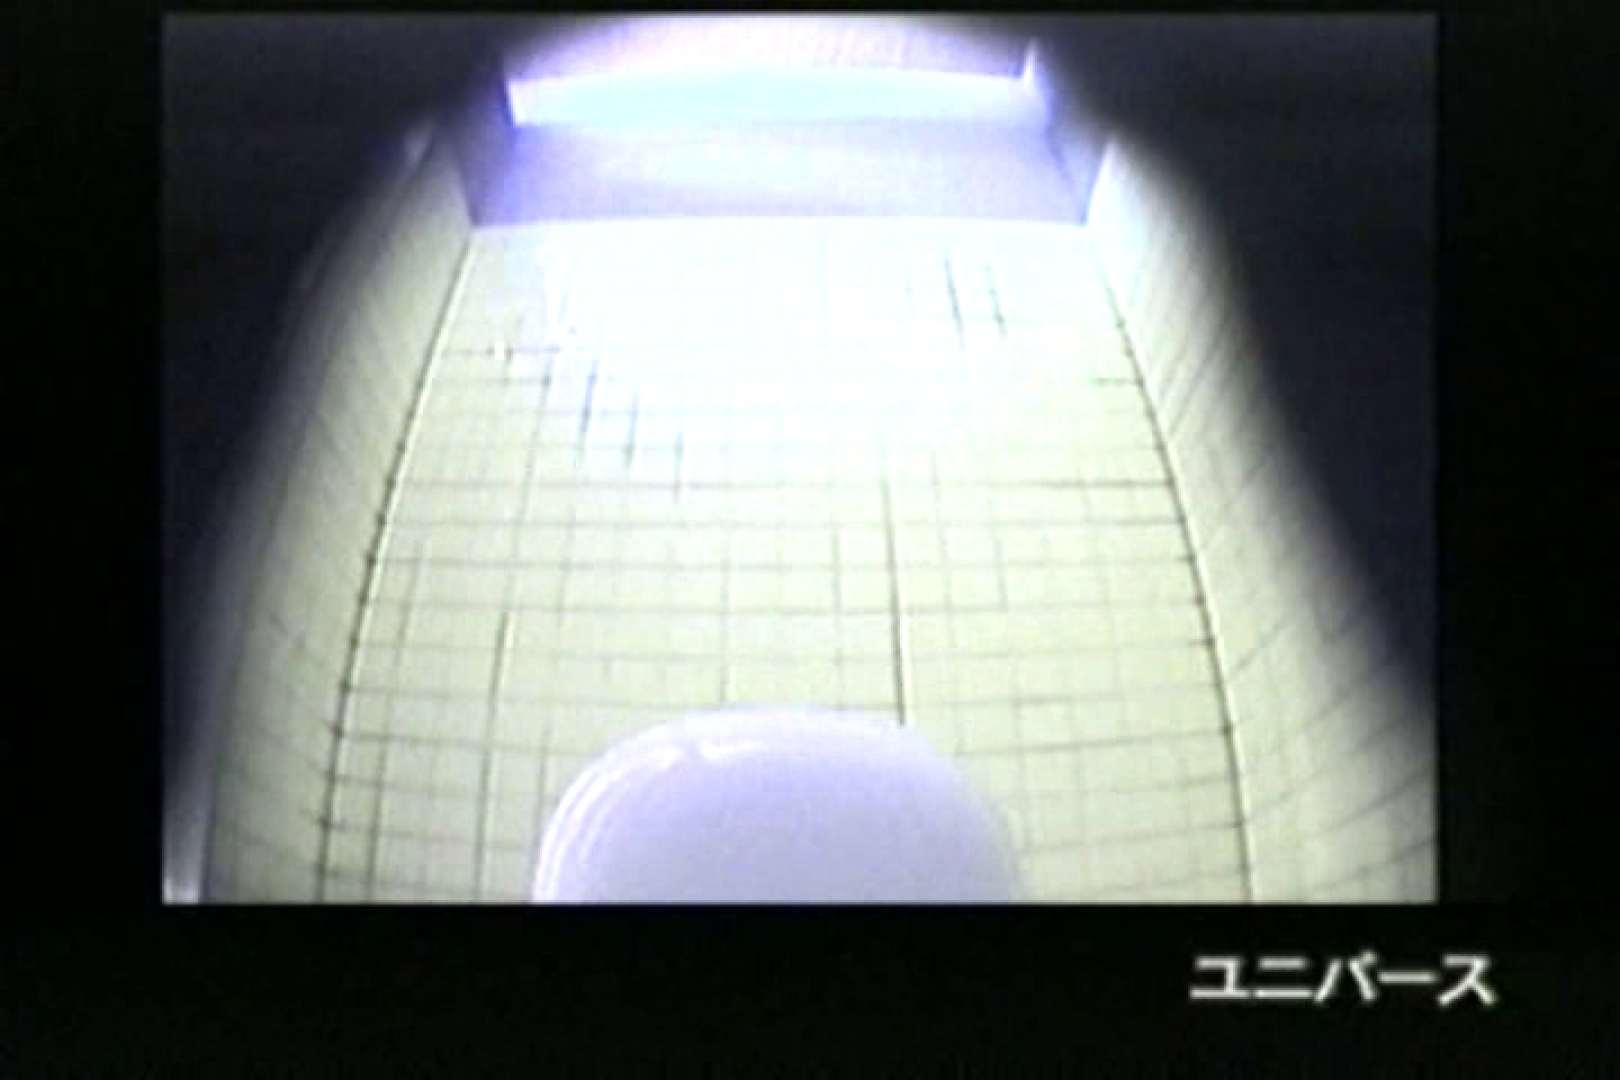 下半身シースルー洗面所Vol.2 洗面所 隠し撮りオマンコ動画紹介 69PIX 2